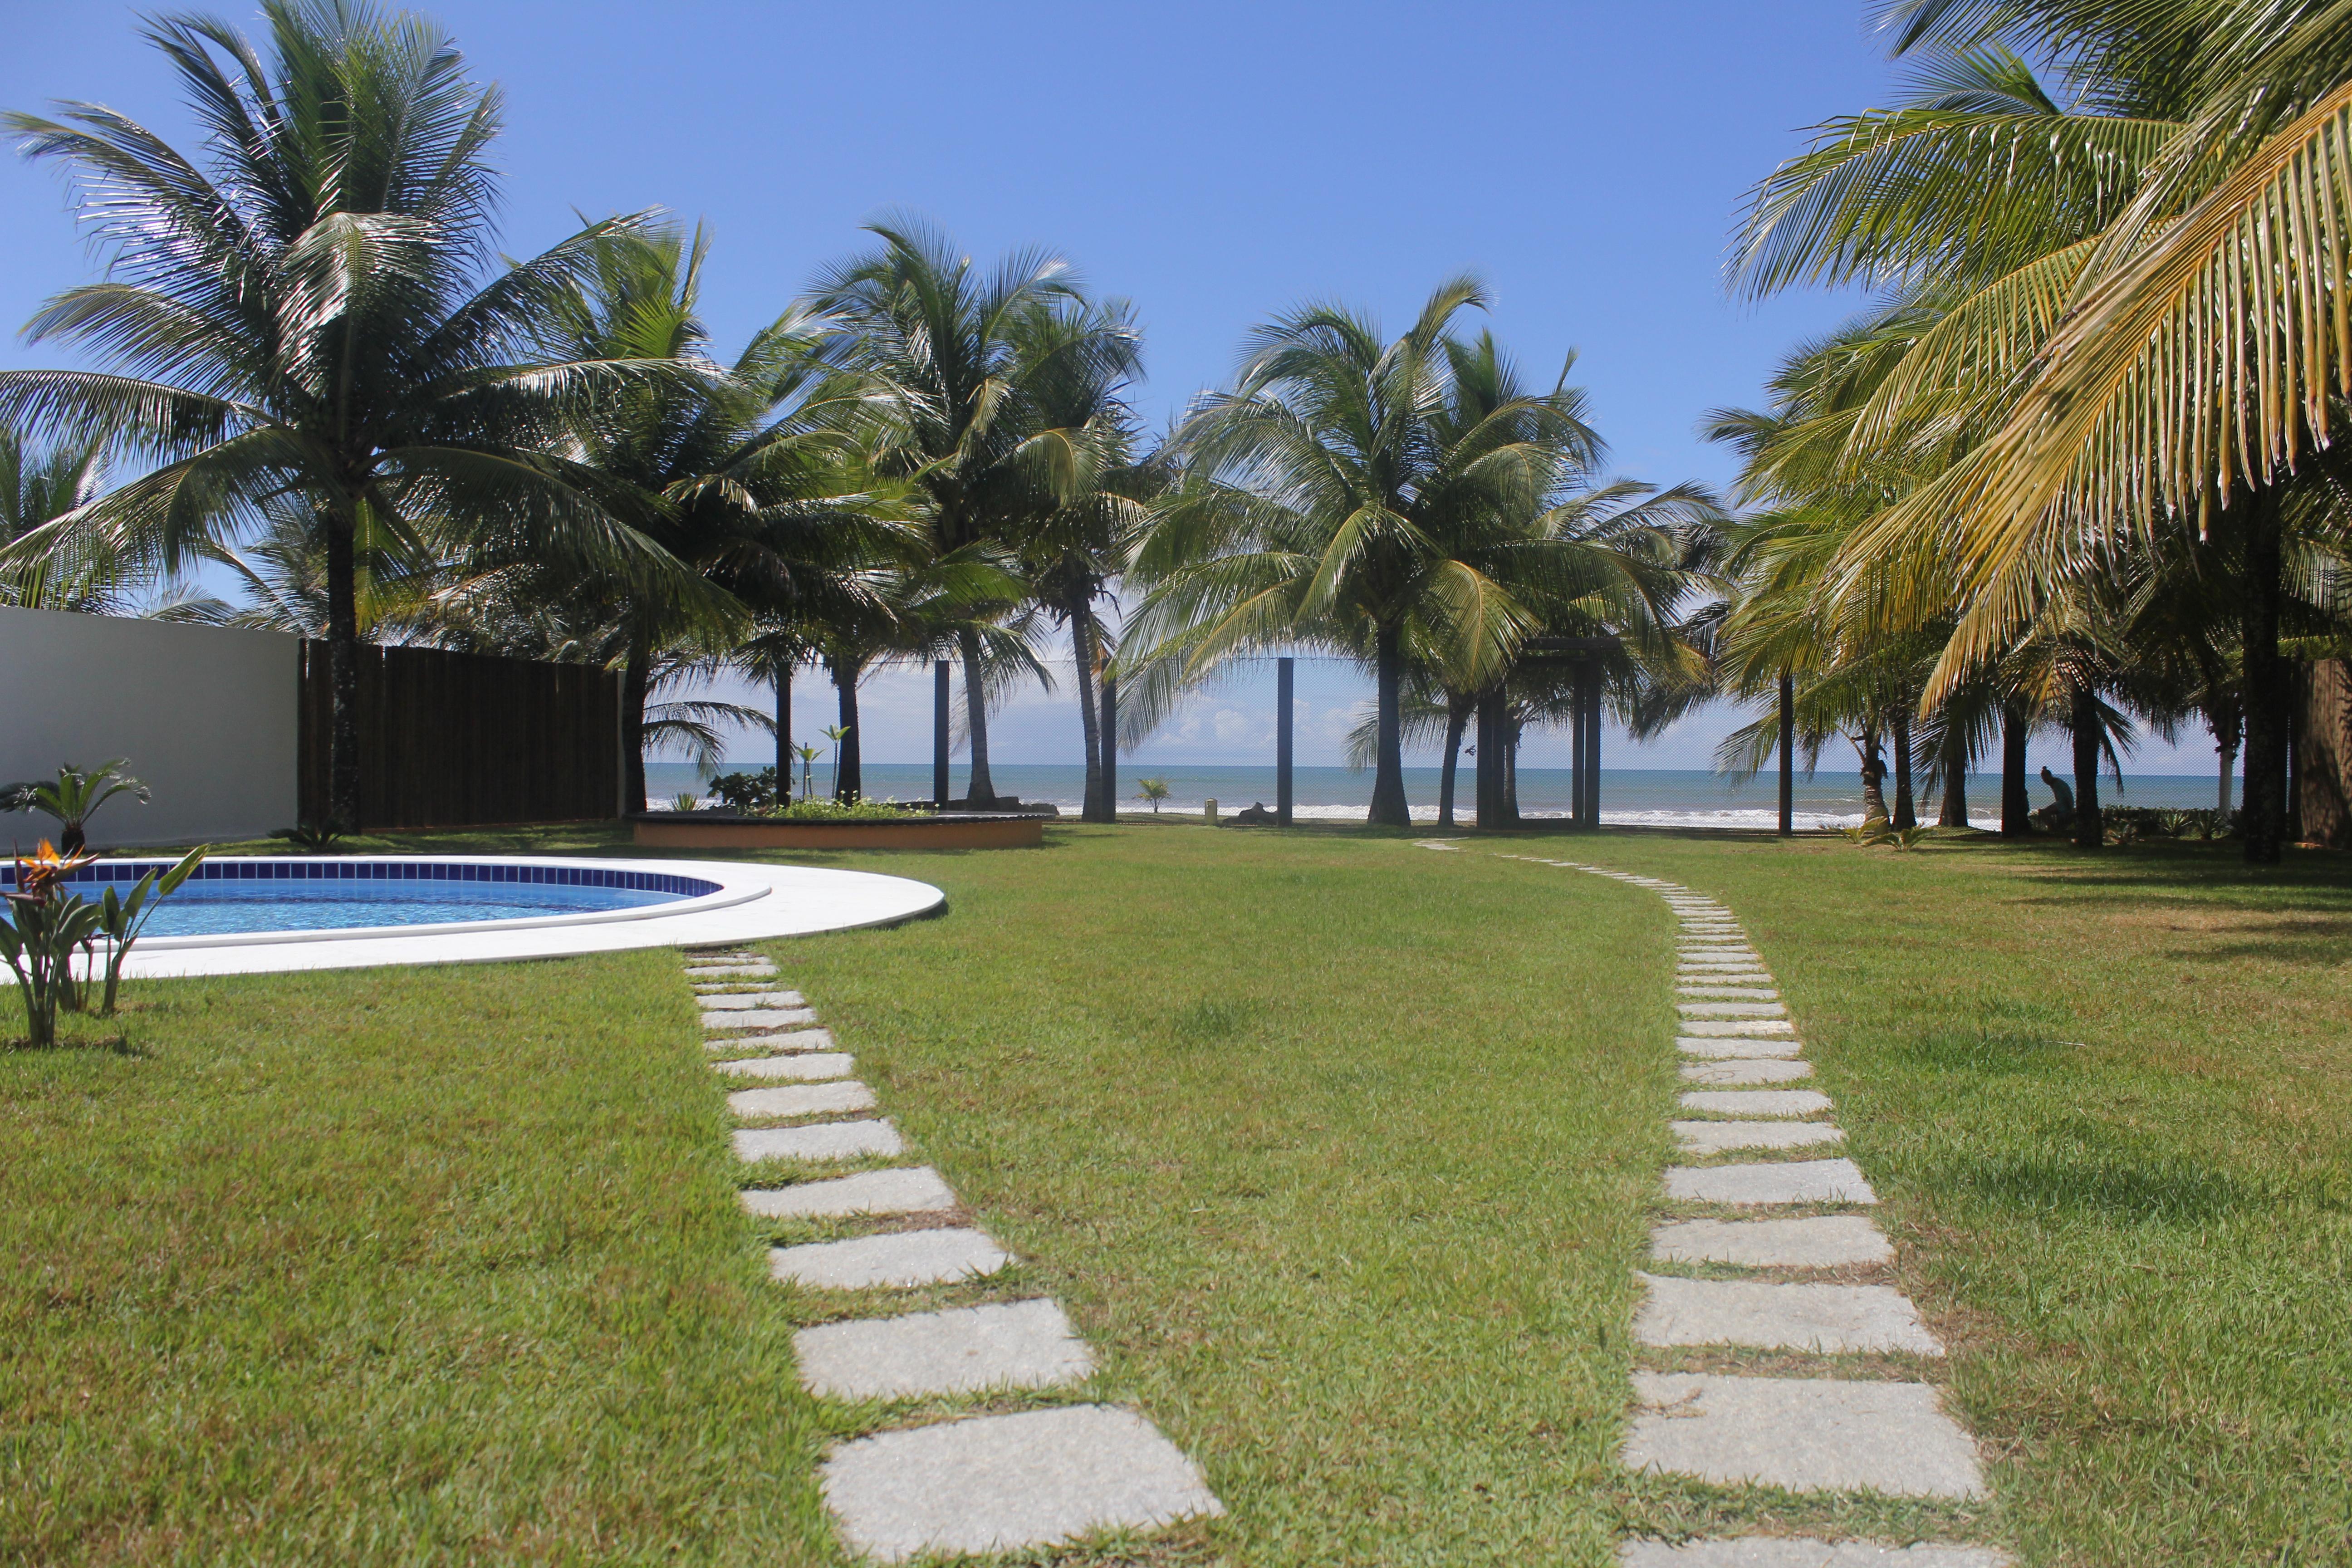 Vendita casa indipendente ilheus bahia brasile avenida for Piani per la casa sulla spiaggia di cape cod